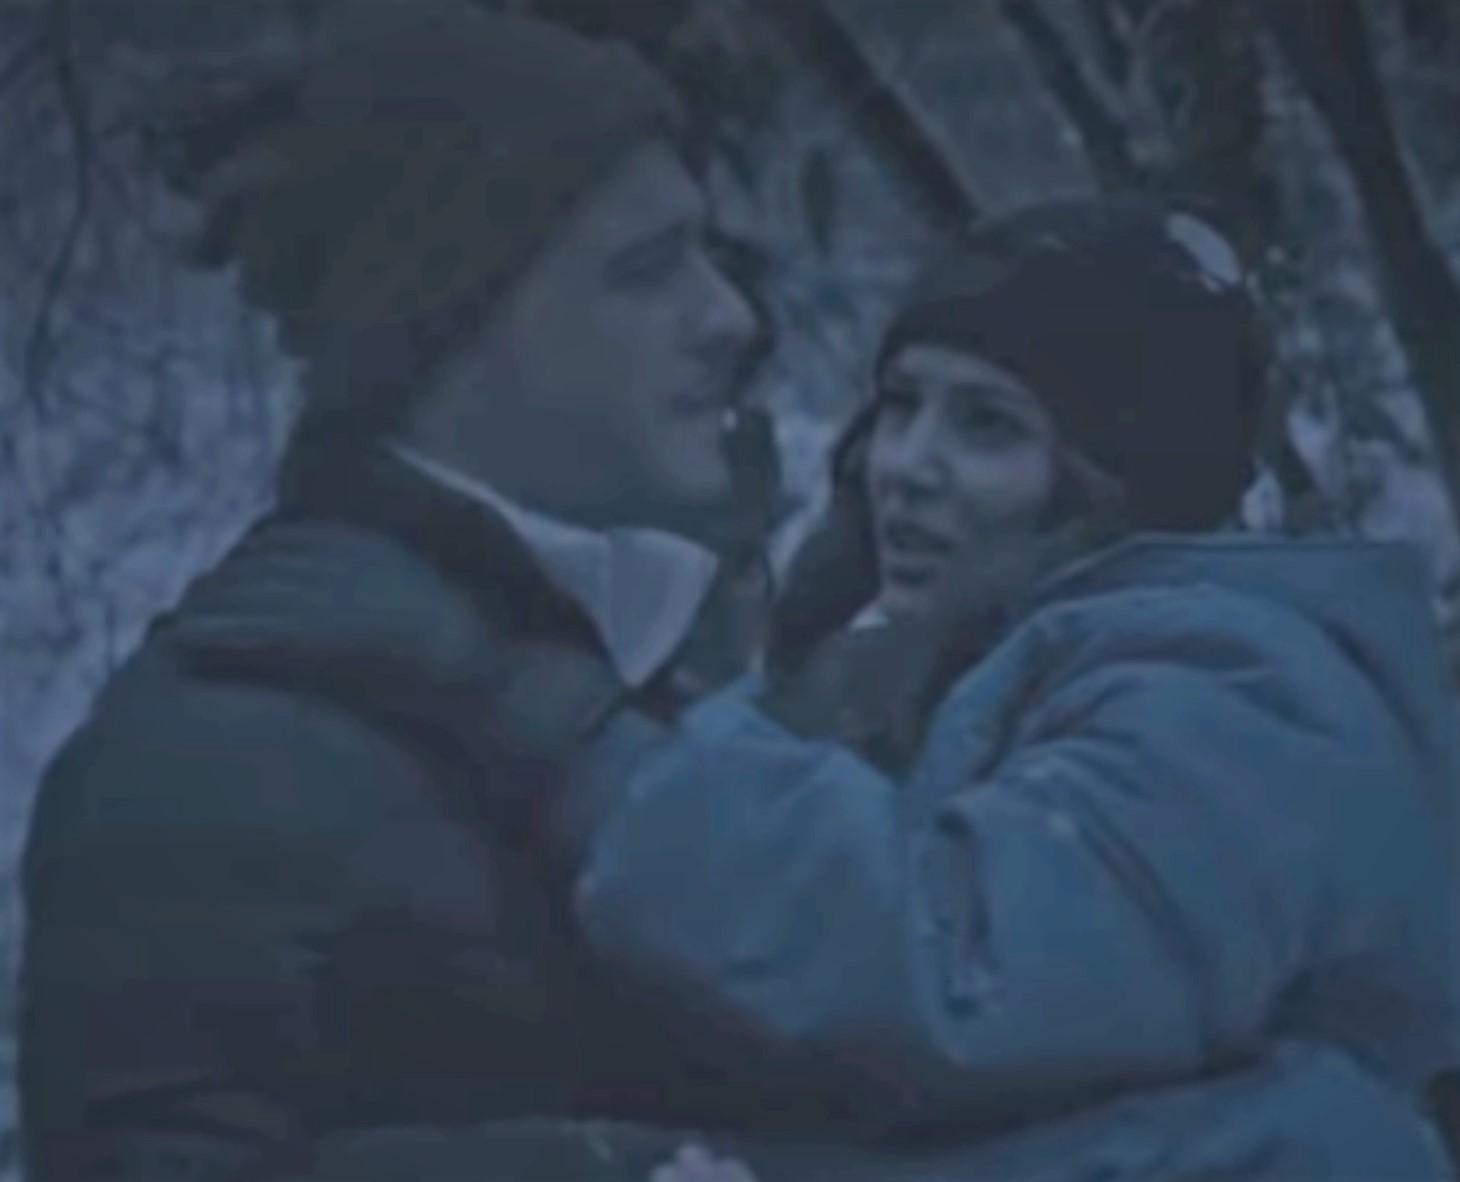 Love is in the air - Eda scompare, Serkan si mette alla sua ricerca piuttosto che stare con Selin